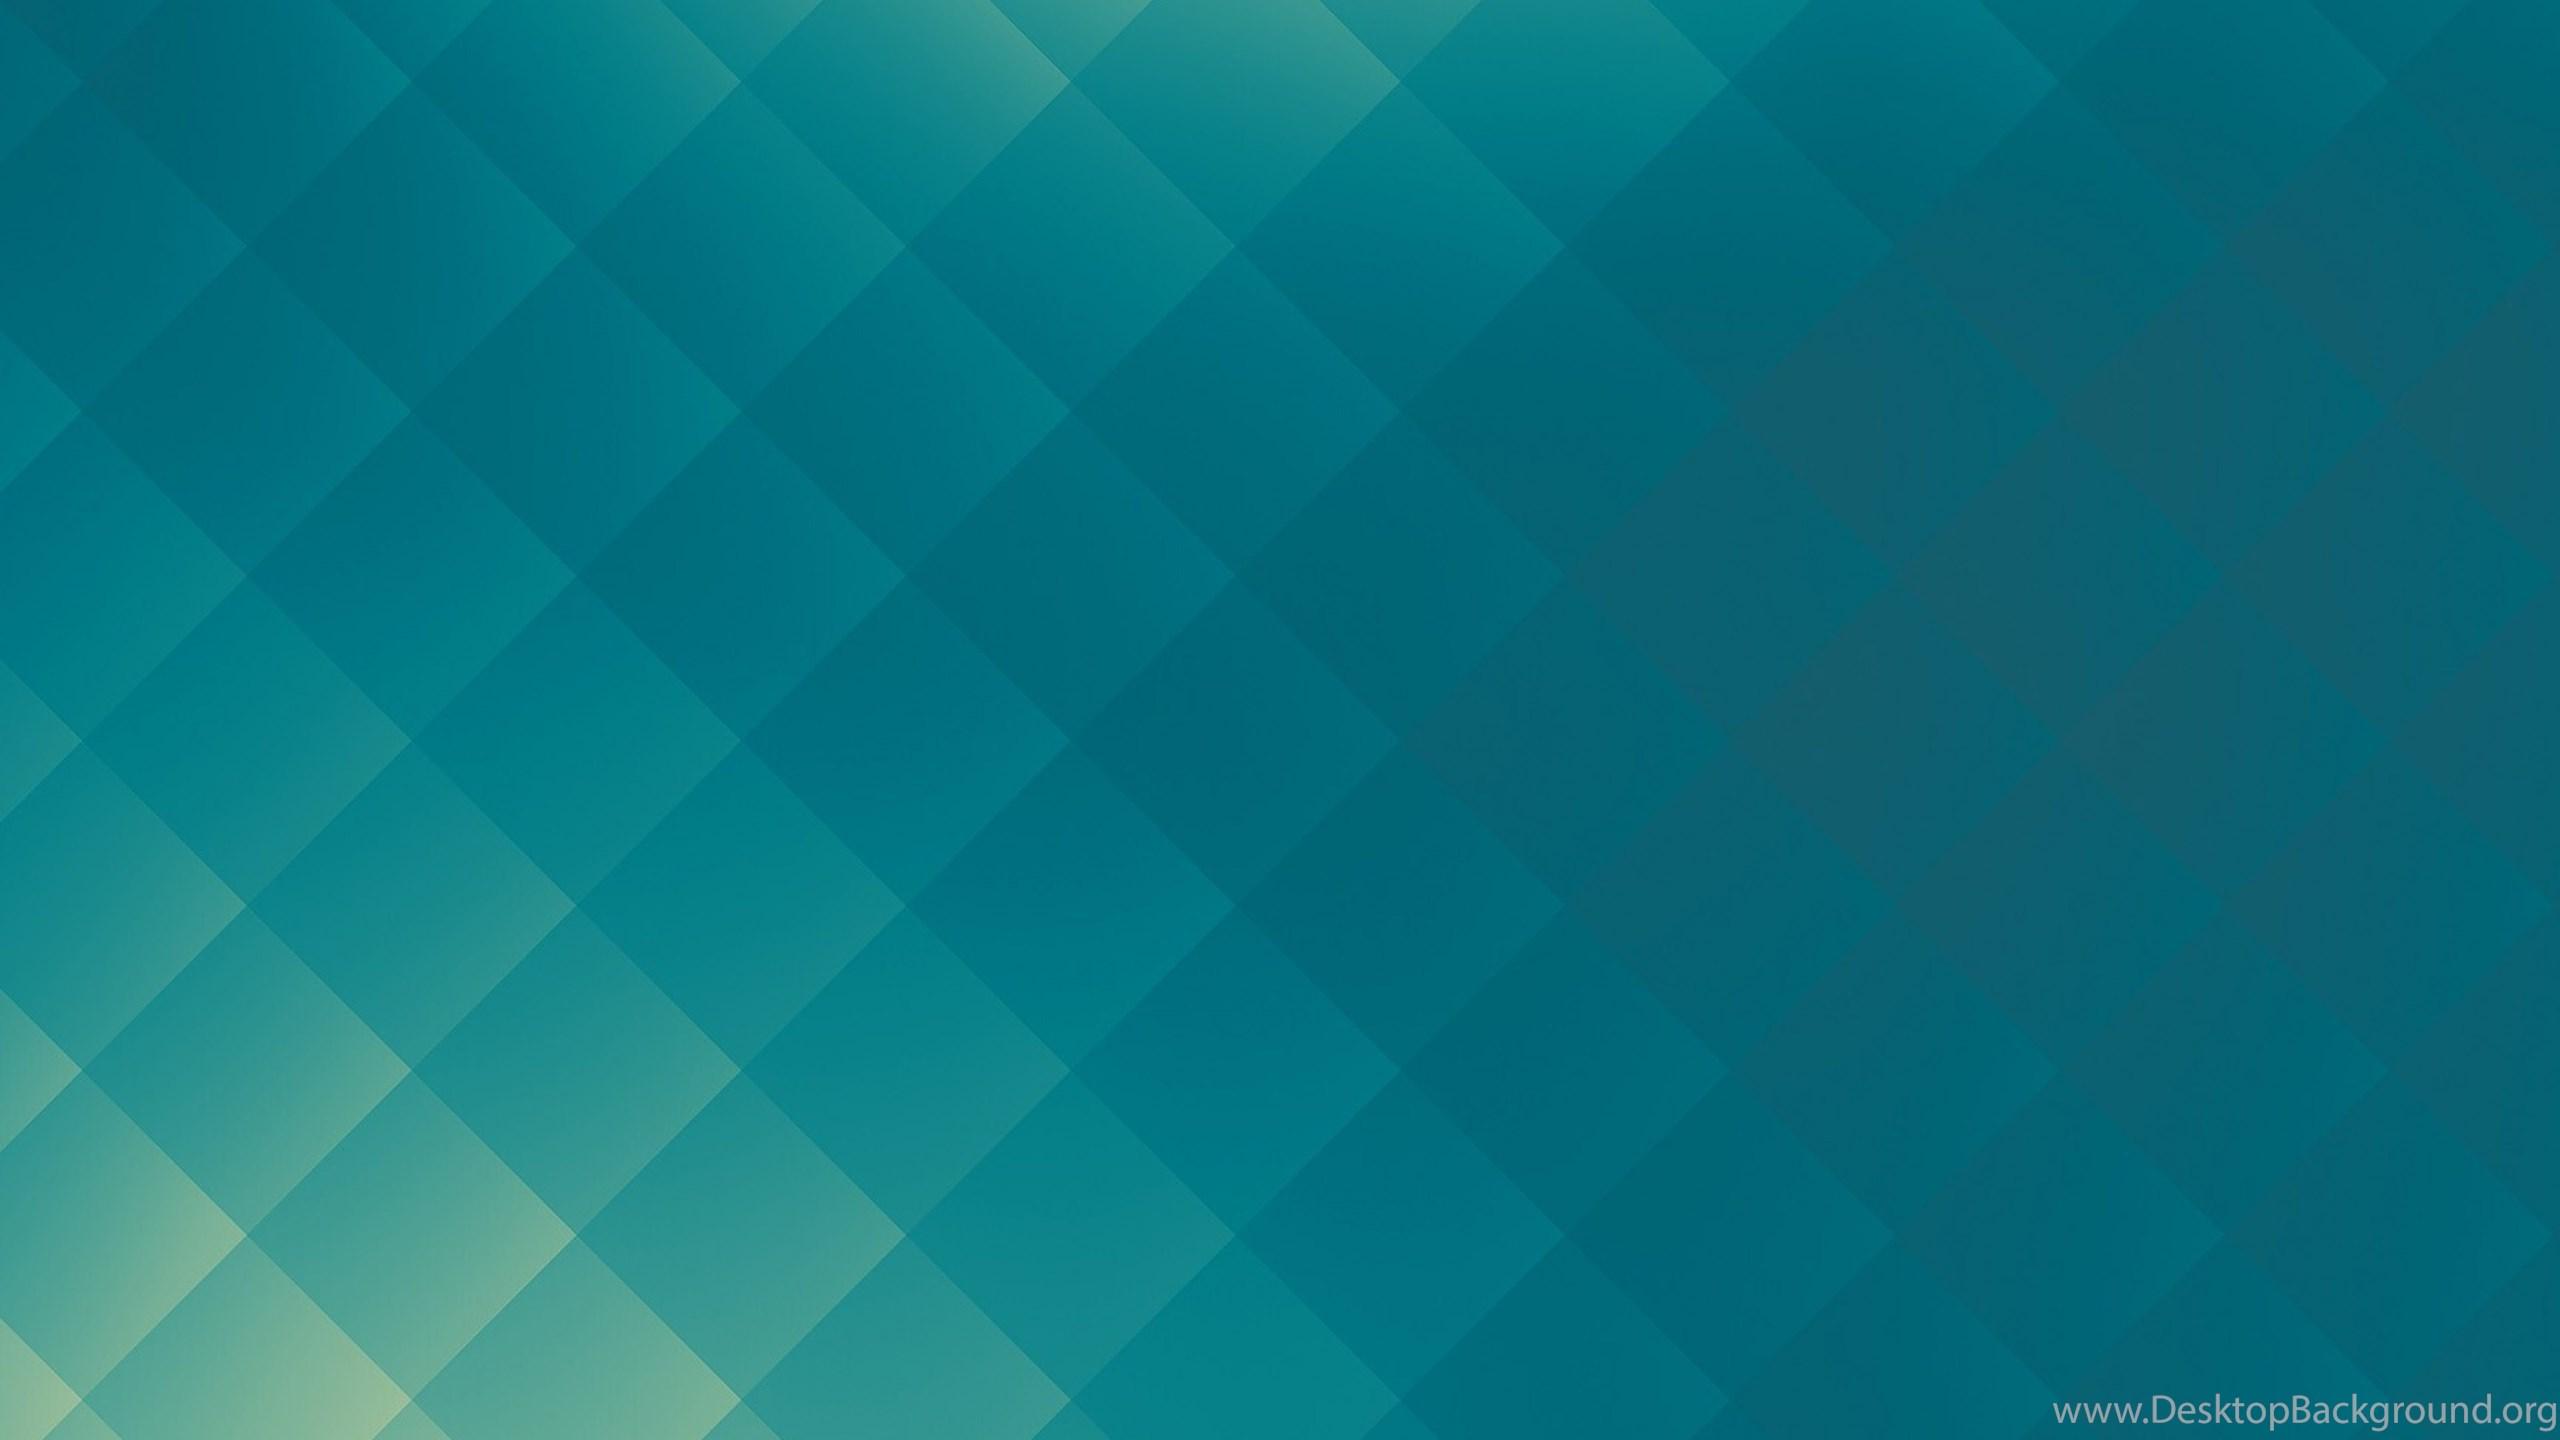 Ultra hd 4k gradient wallpapers hd desktop backgrounds 3840x2400 desktop background - Background images 4k hd ...